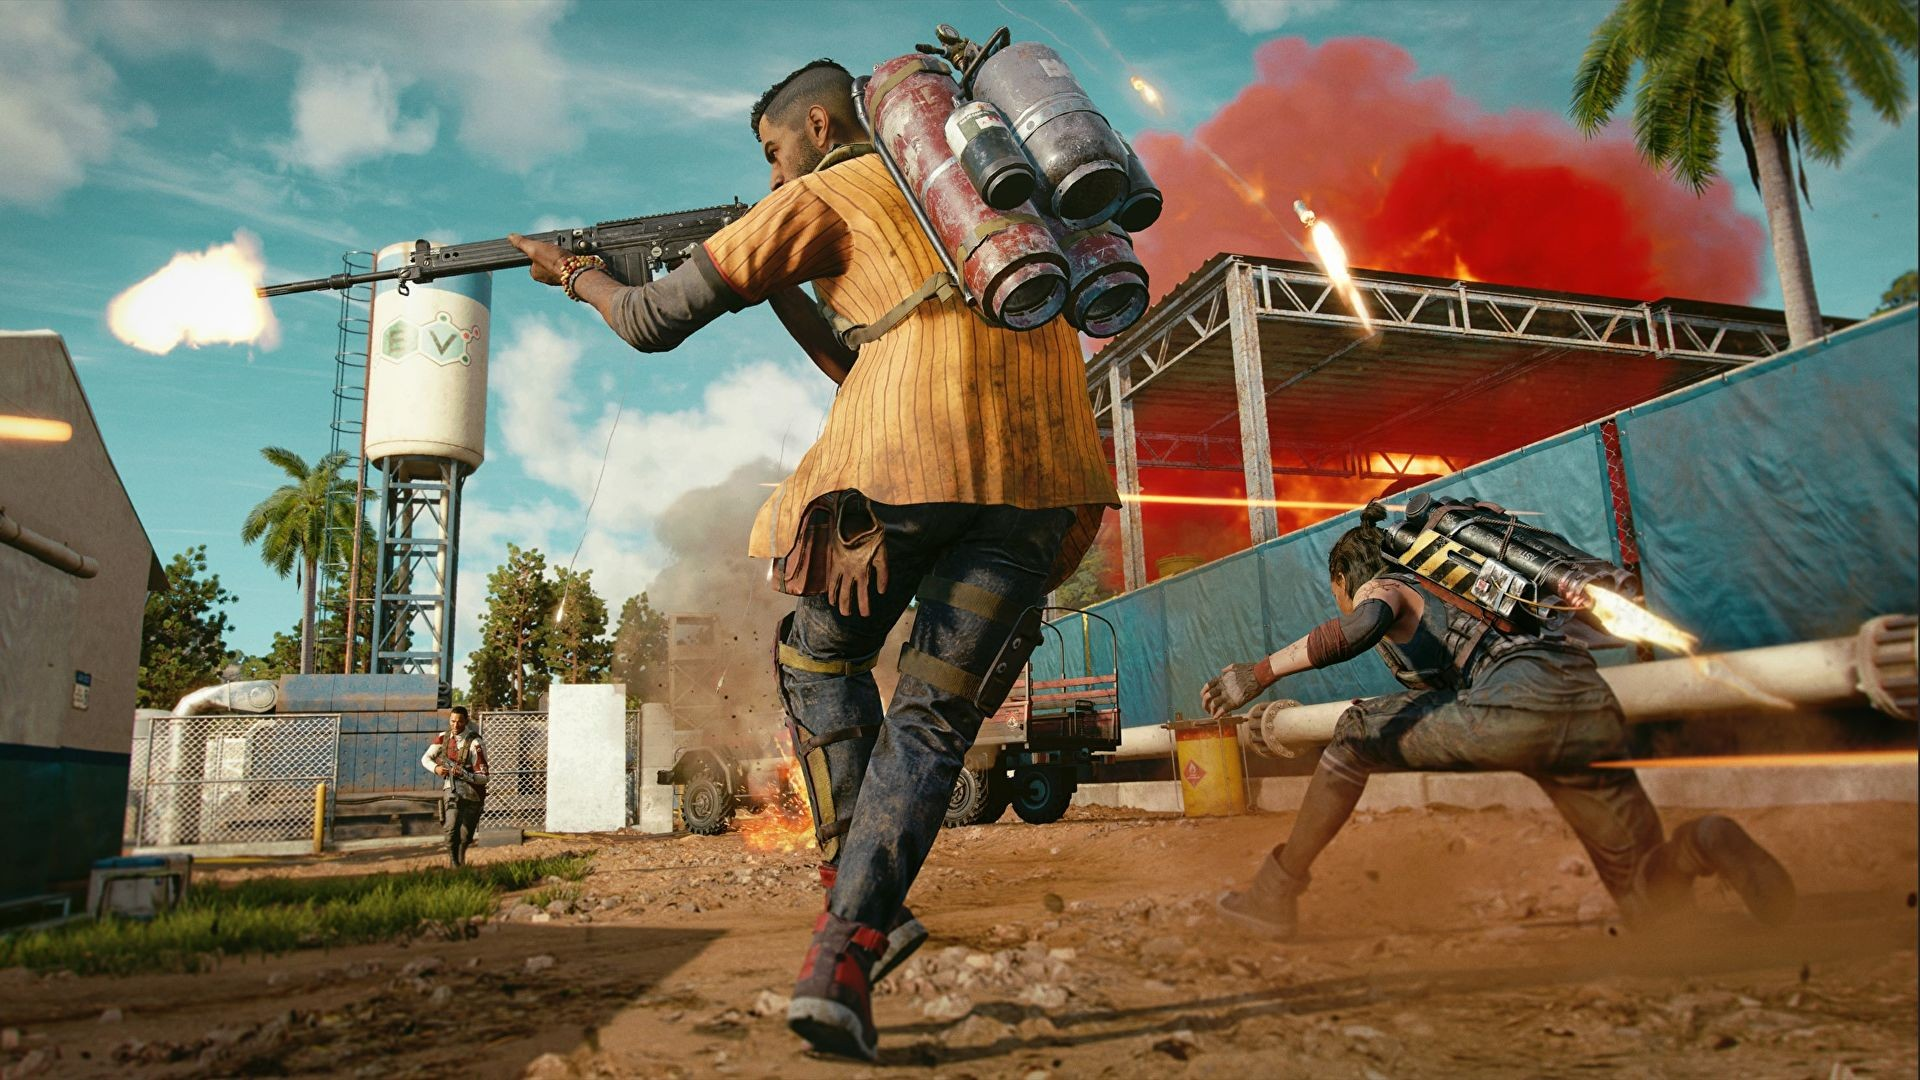 مراجعة لعبة Far Cry 6 - فار كراي 6